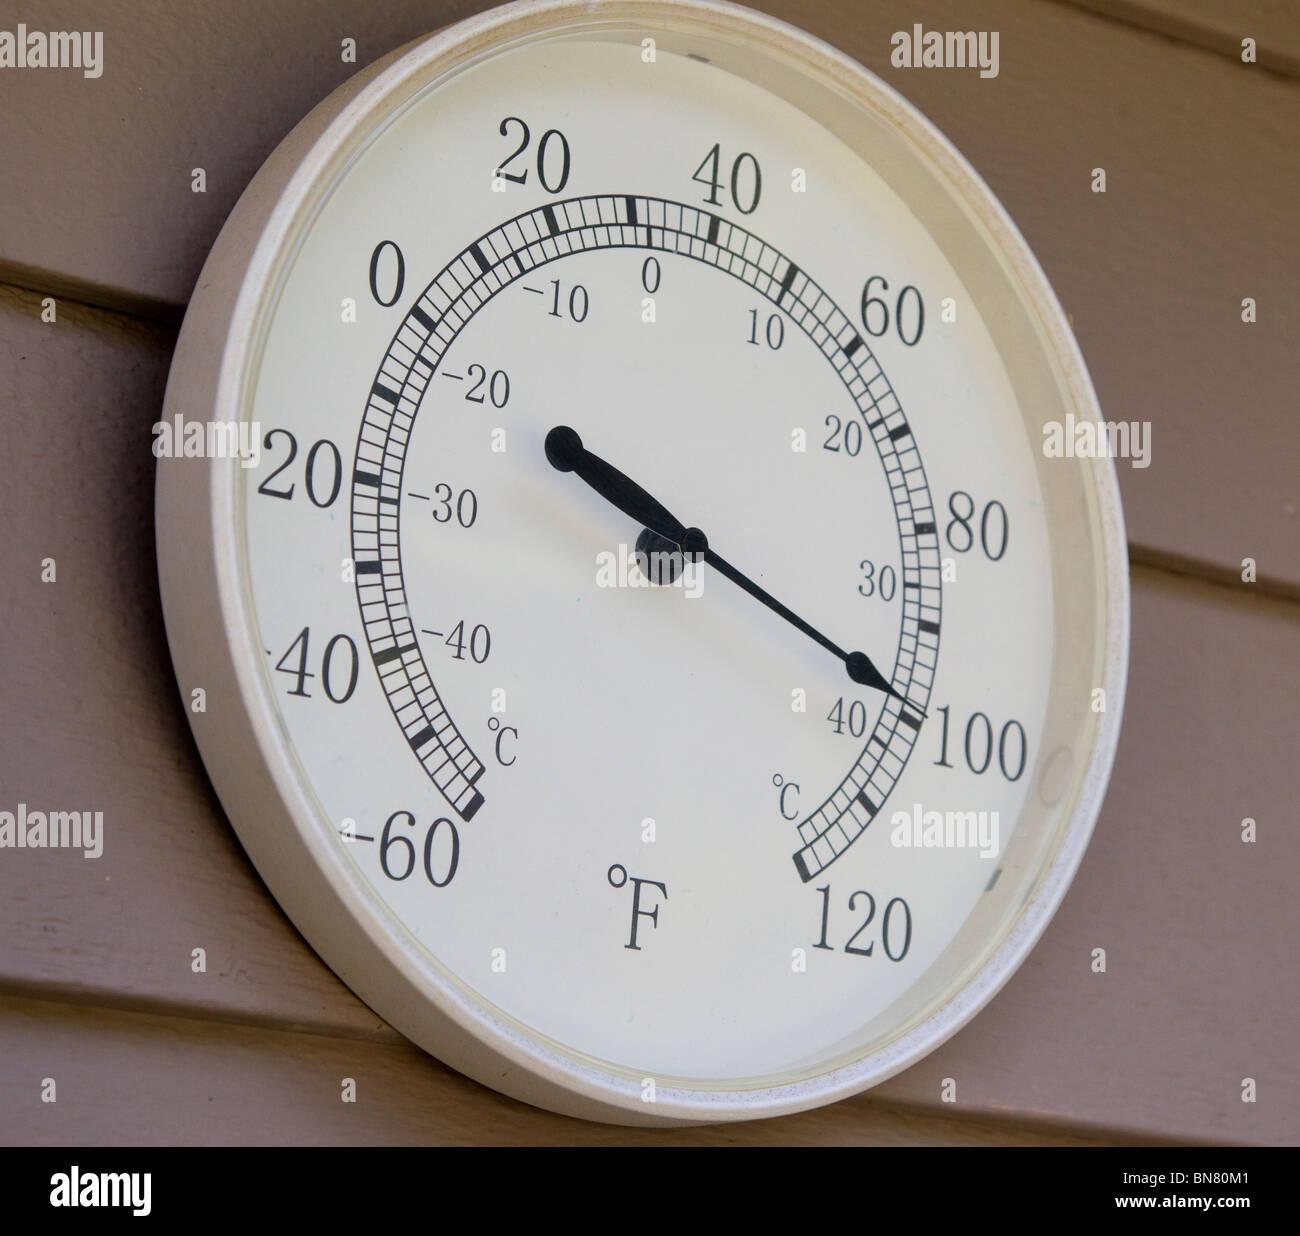 Fahrenheit Thermometer Stock Photos & Fahrenheit